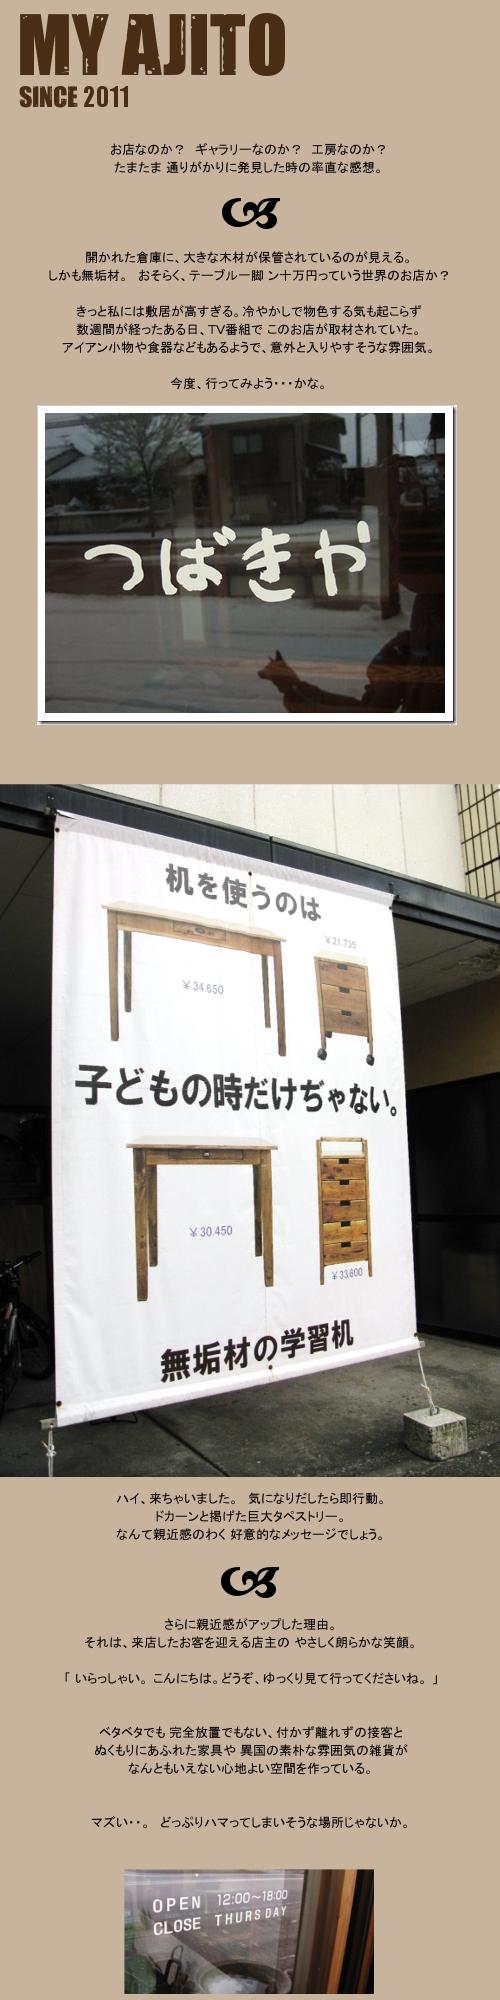 つばきや_1